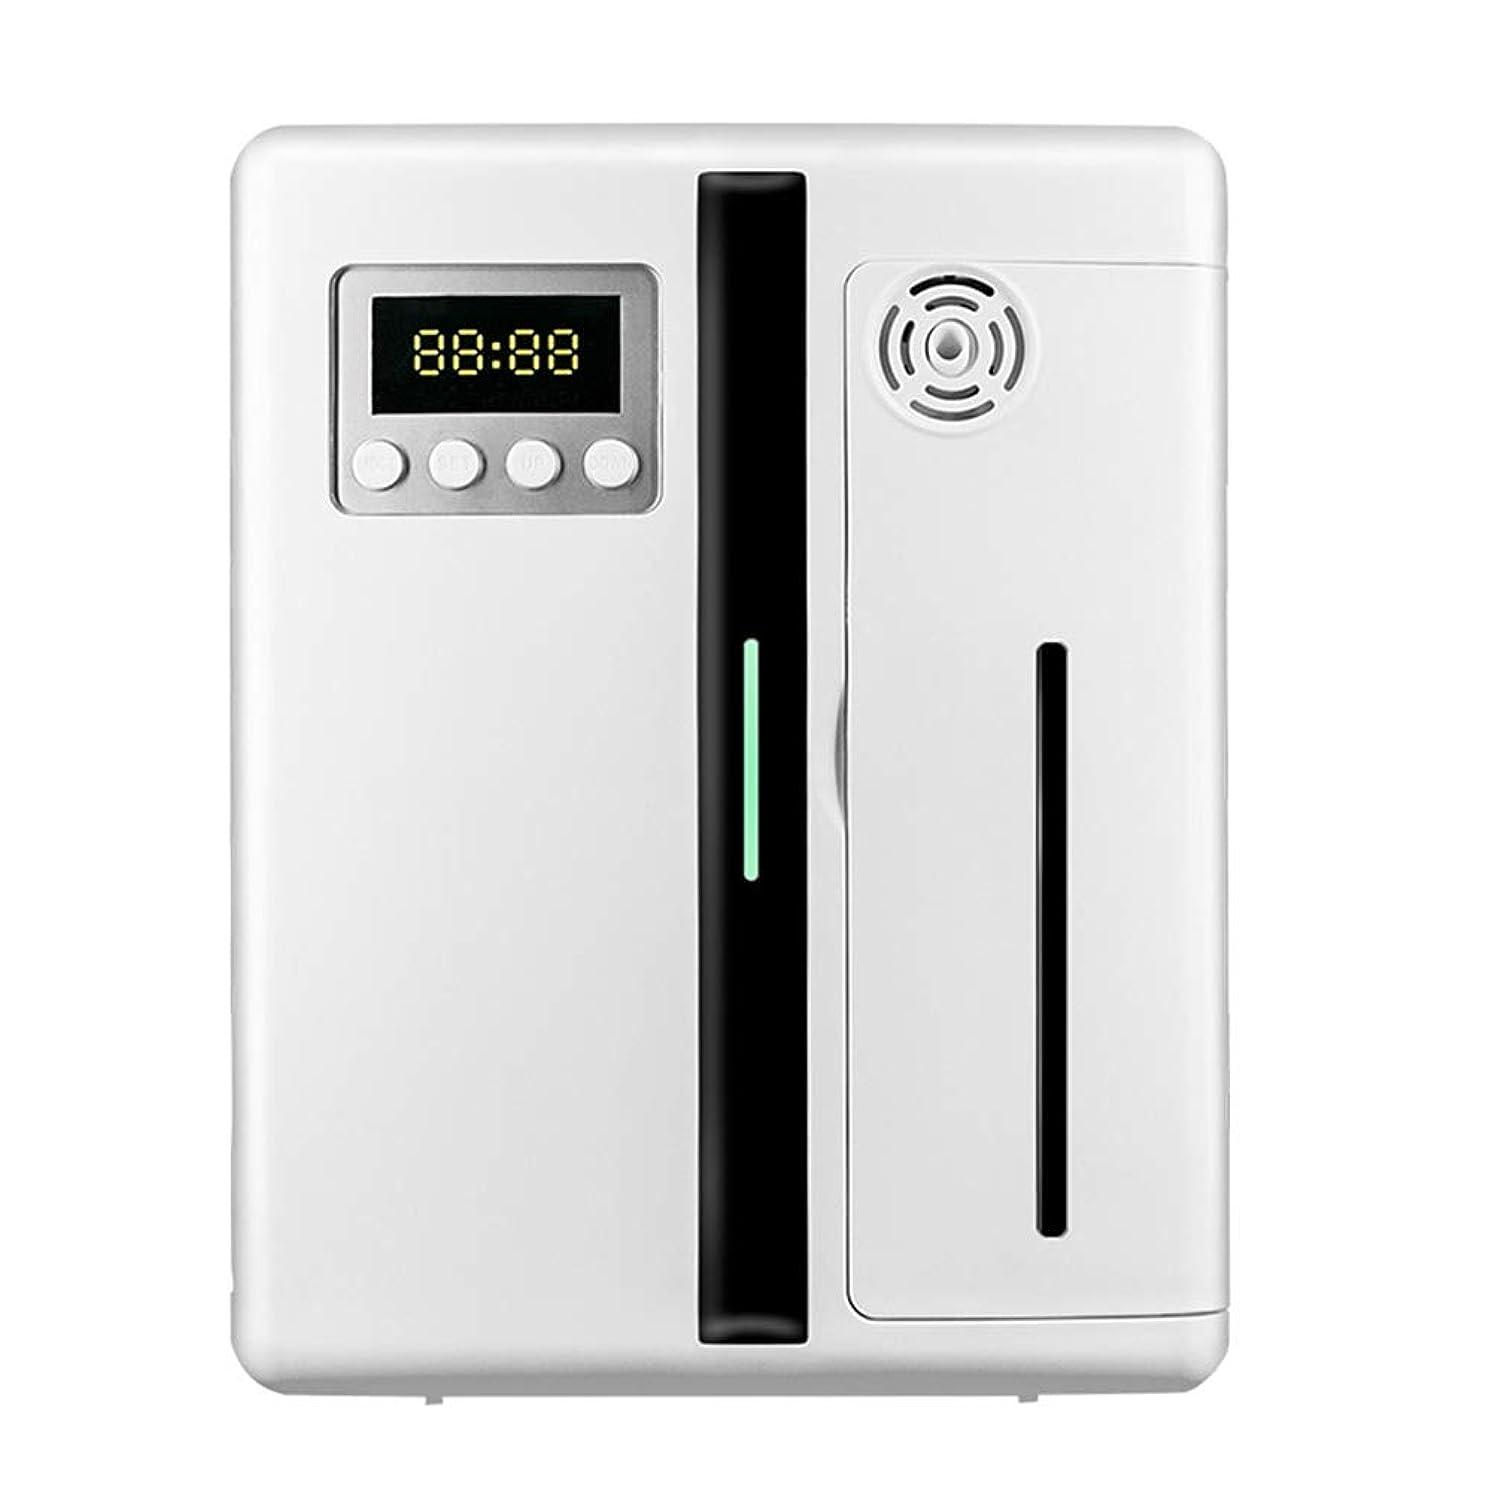 成分カバレッジ精神的にRakuby エッセンシャルオイル アロマ ディフューザー 加湿器 アロマ フレグランスマシン 3.3W12V160ml タイマー機能 香りユニットアロマ セラピーディフューザー ホームオフィスホテル